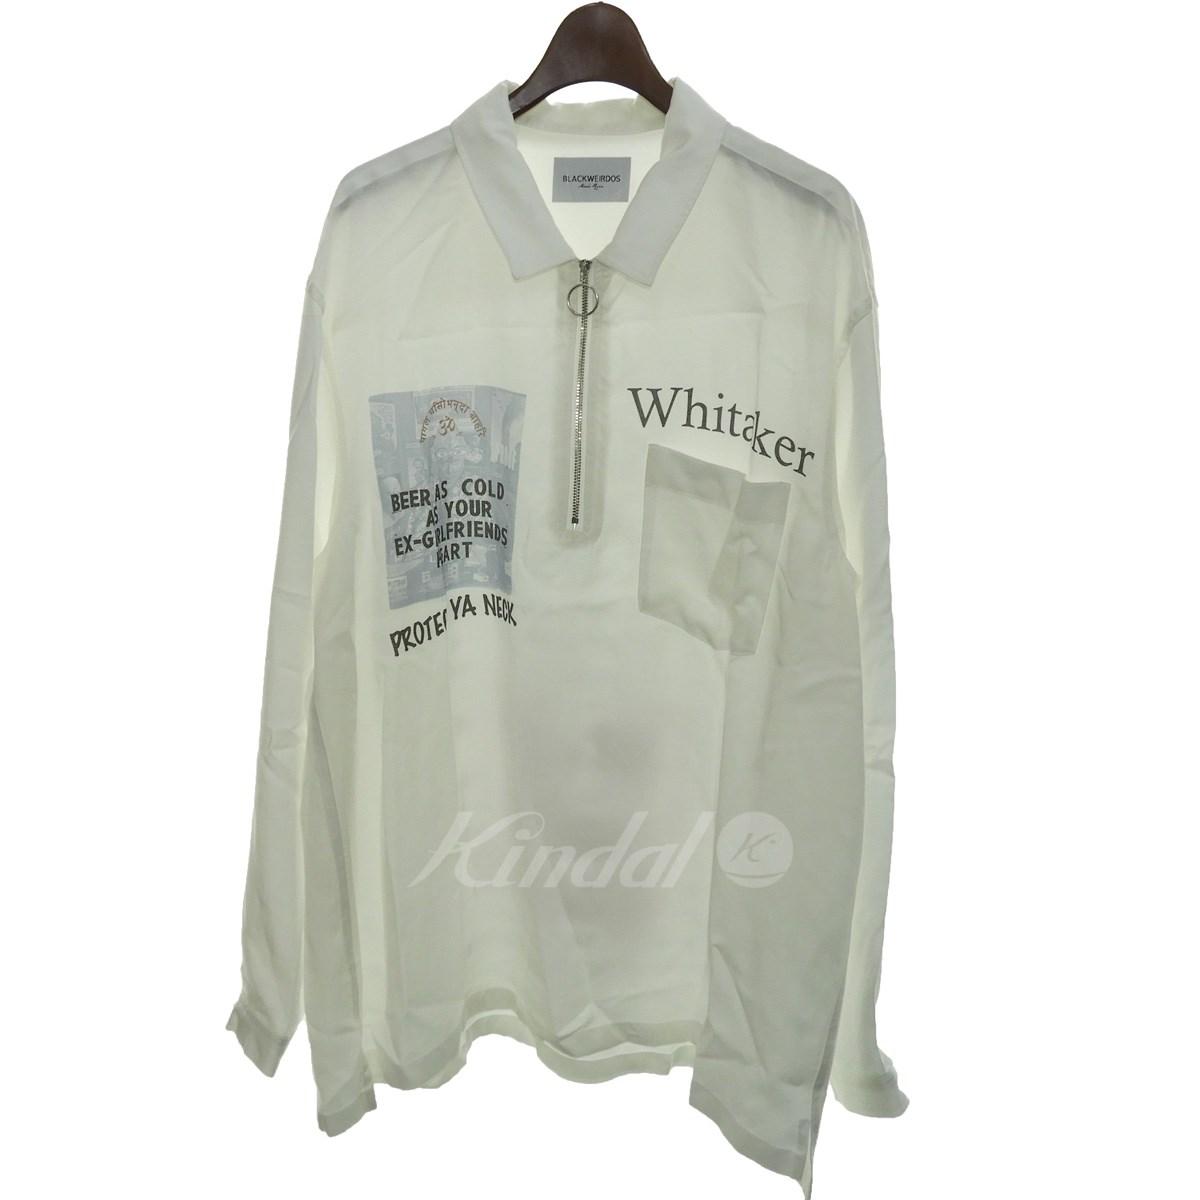 【中古】BLACK WEIRDOS 2018AW 「ZIP Pullover Shirt」ハーフジップシャツ ホワイト サイズ:L 【送料無料】 【281018】(ブラックウィドウ)